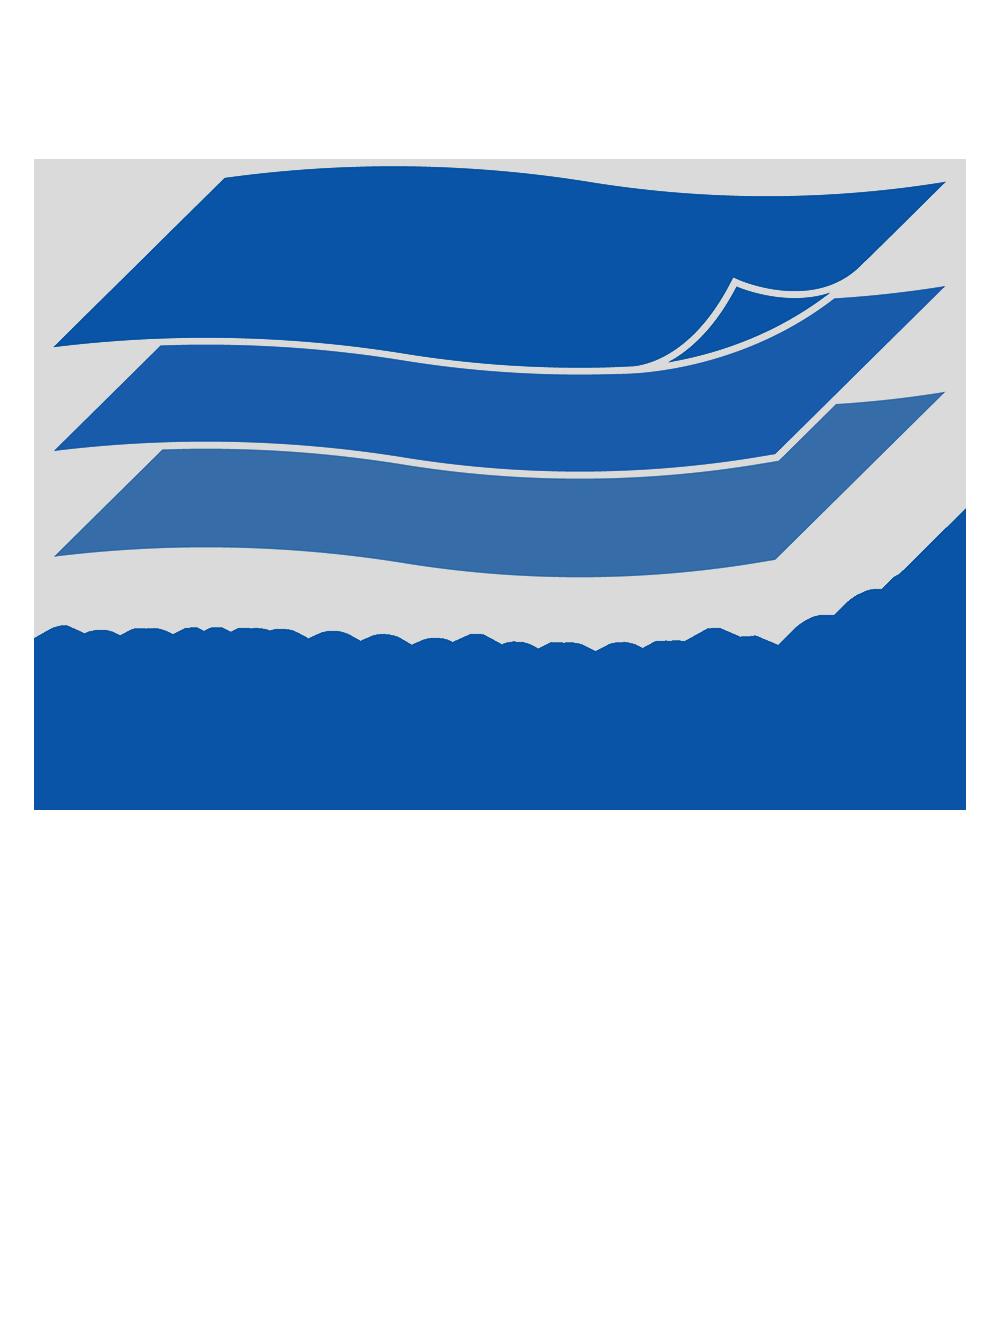 Fánymásolópapír, nyomtatópapír webáruház